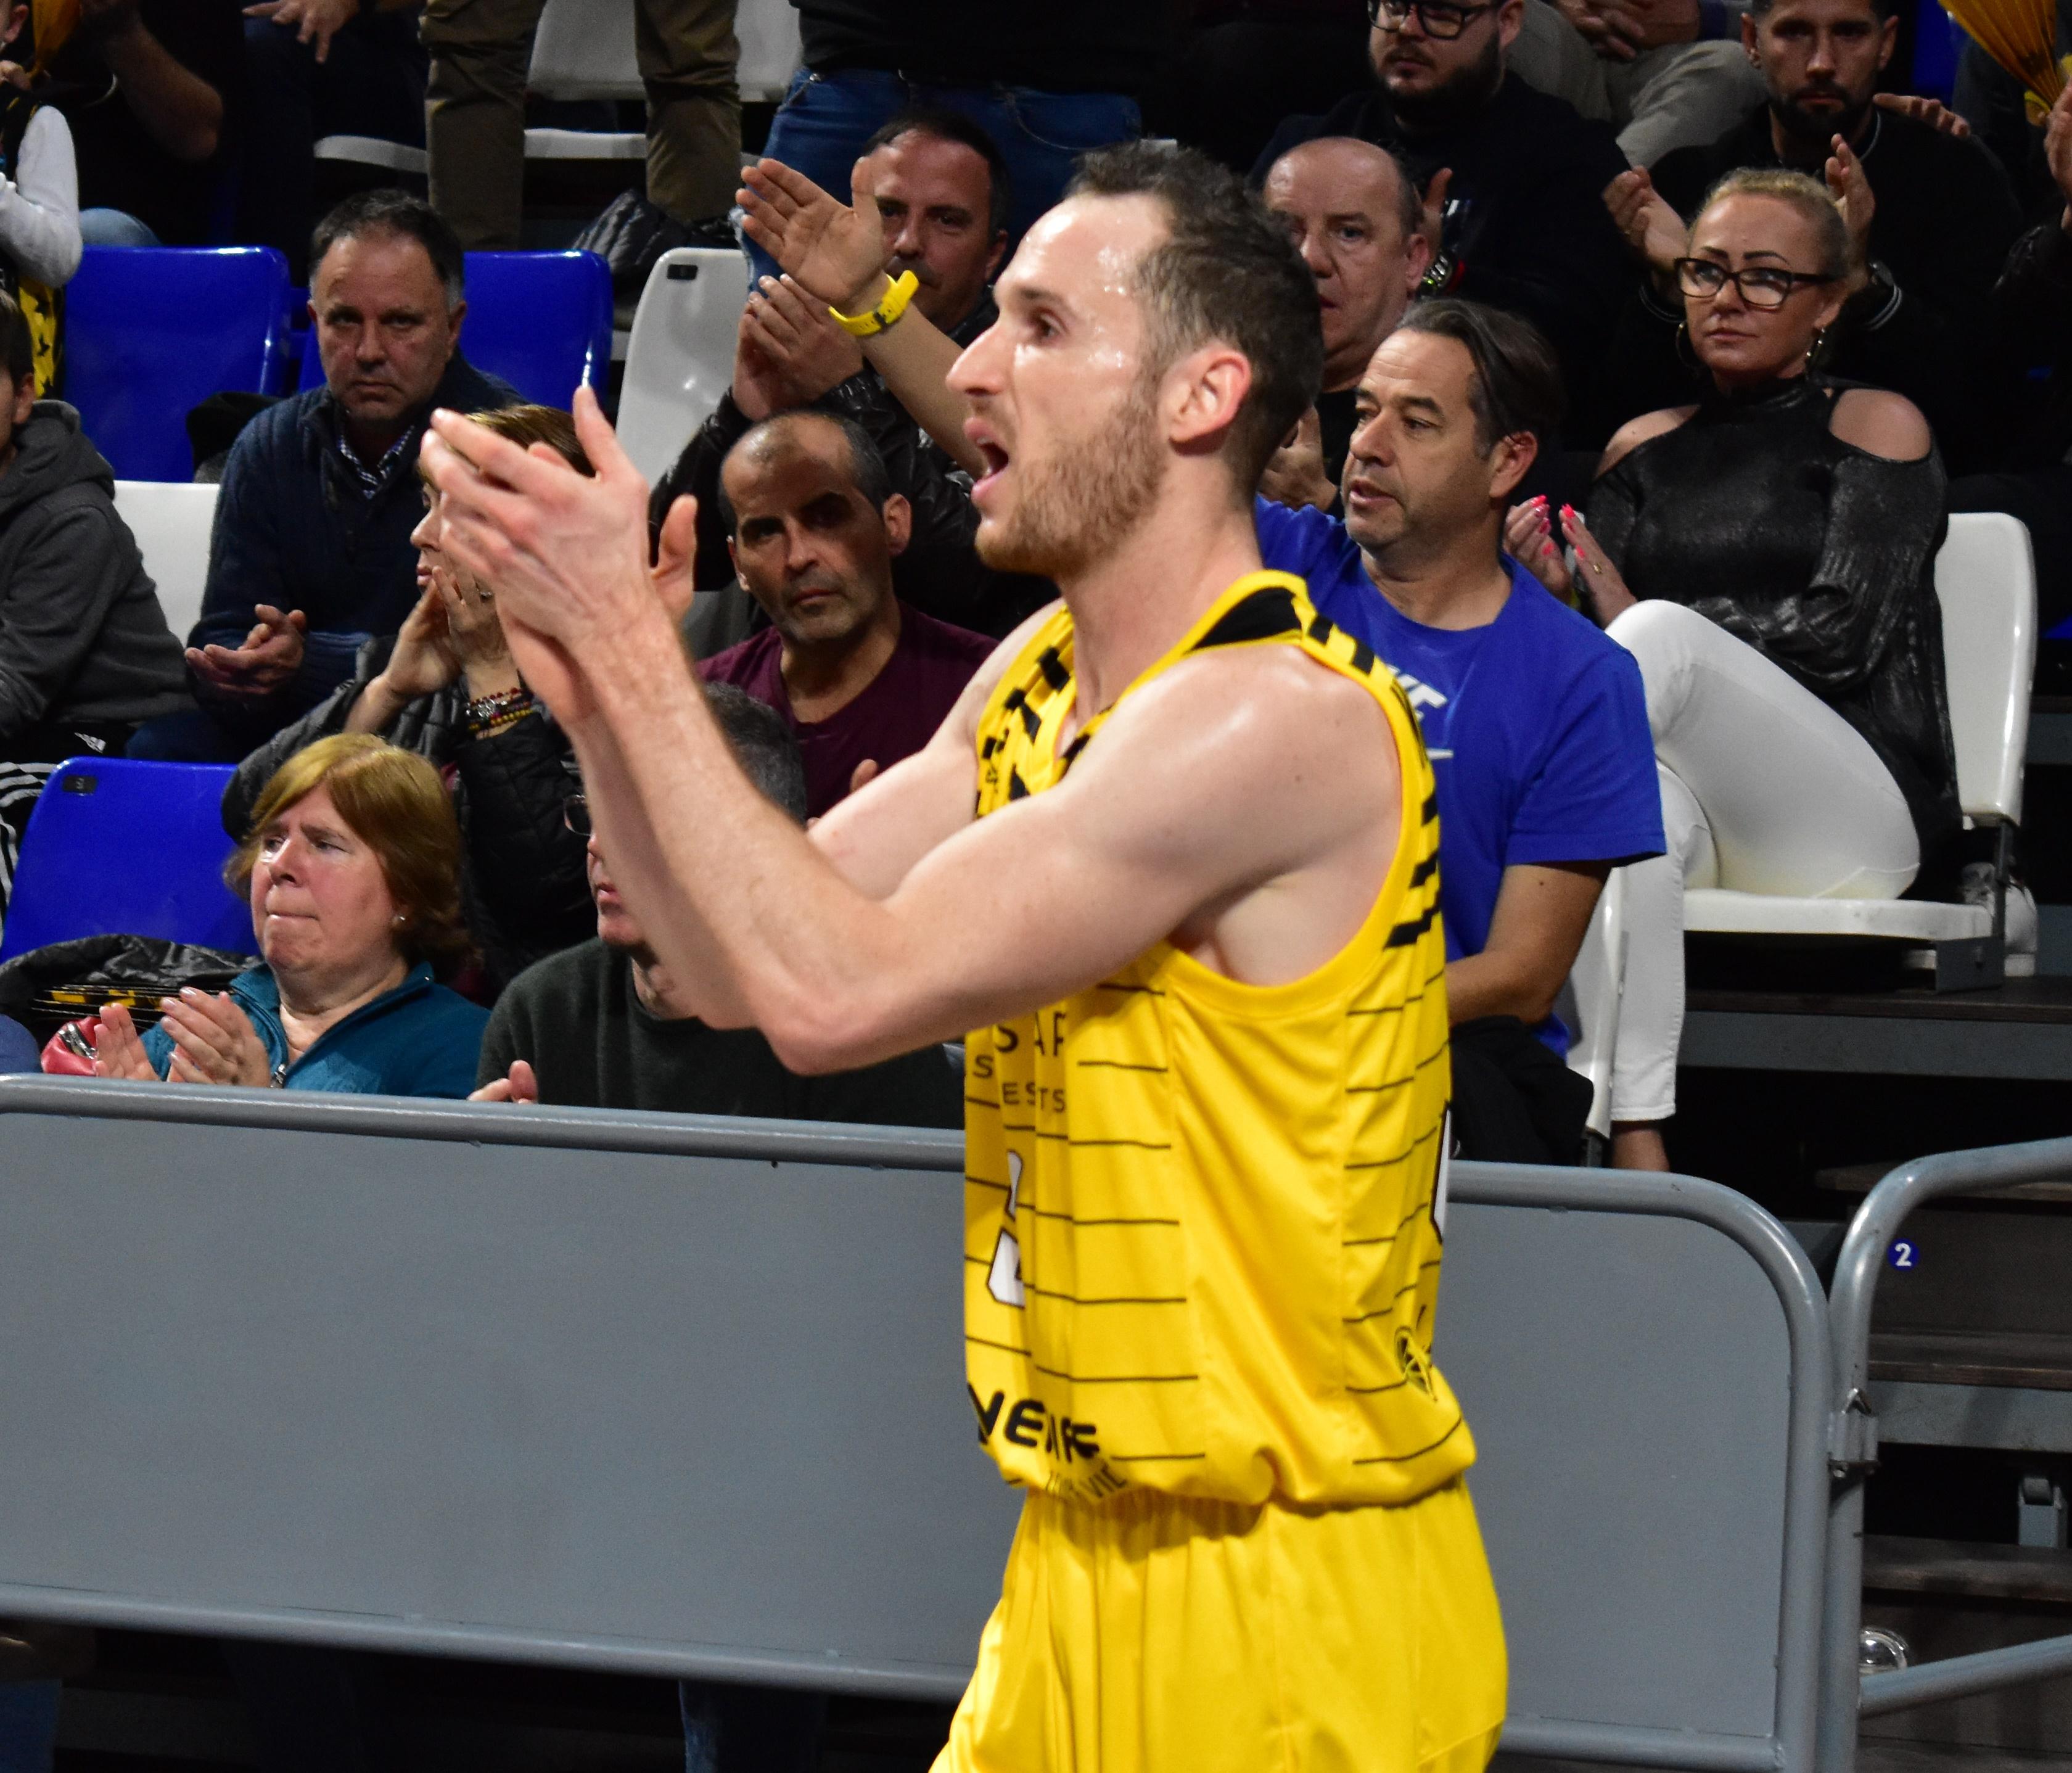 La FIBA reconoce que hubo «decisión incorrecta de los árbitros» con Marcelinho